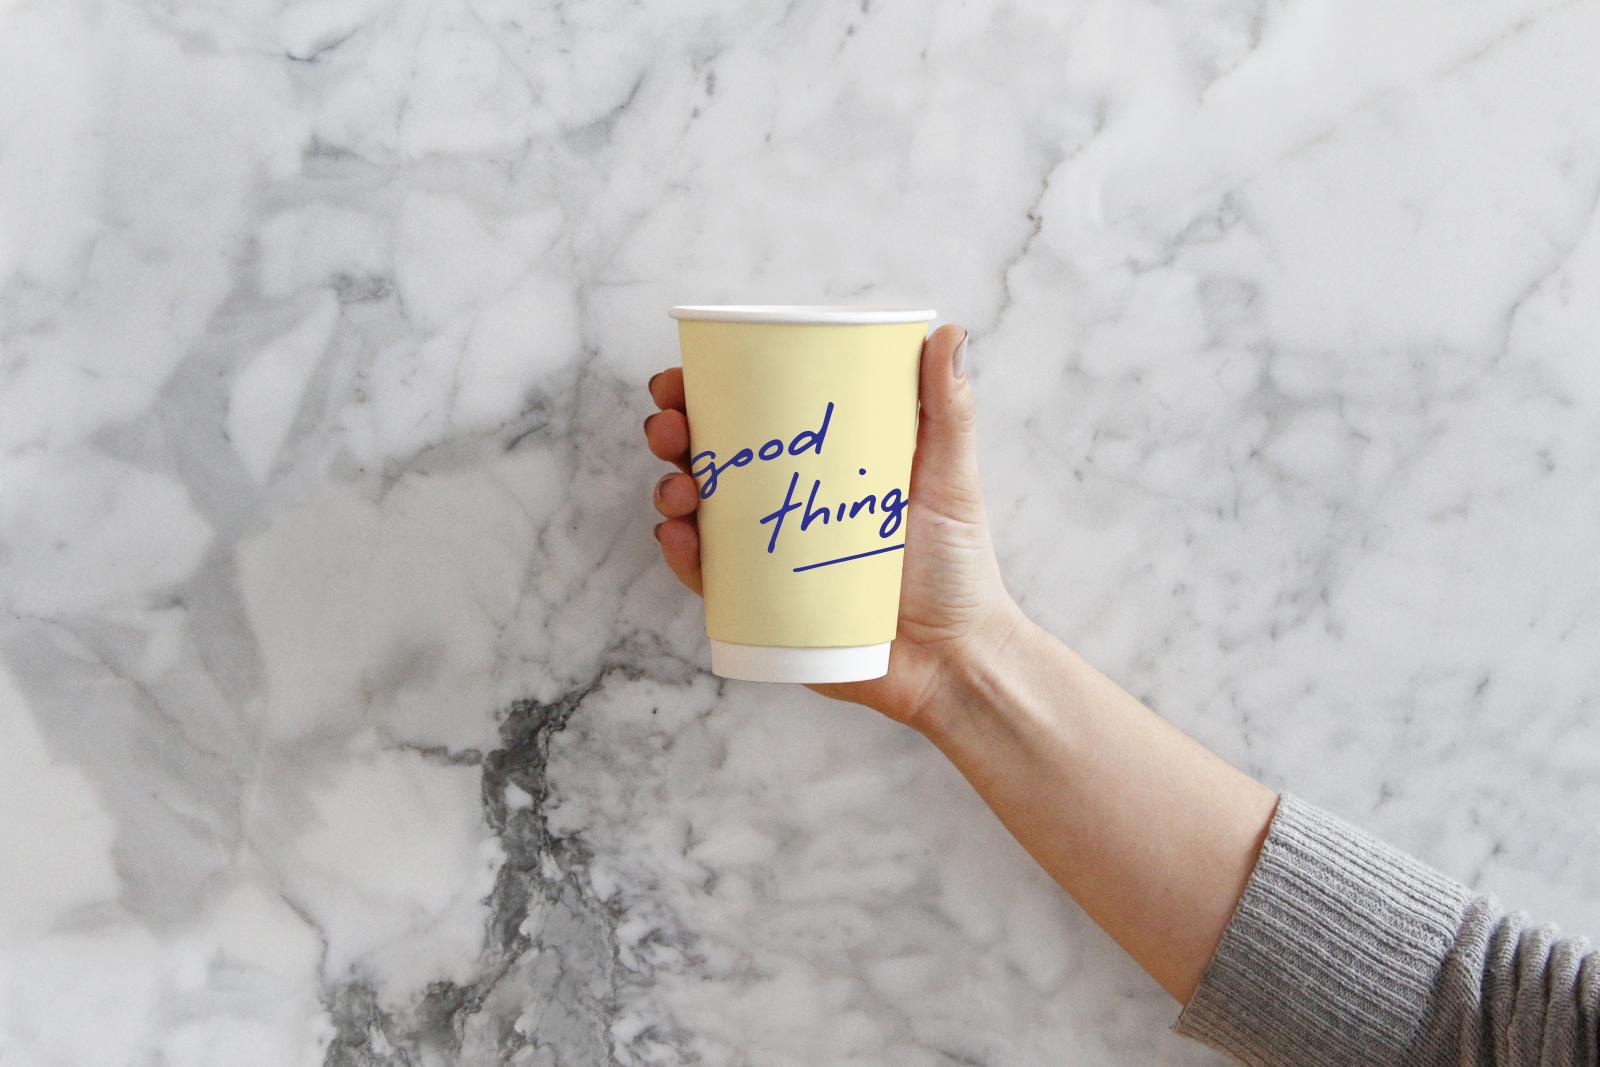 goodthings_coffeecup_medyellow.jpg